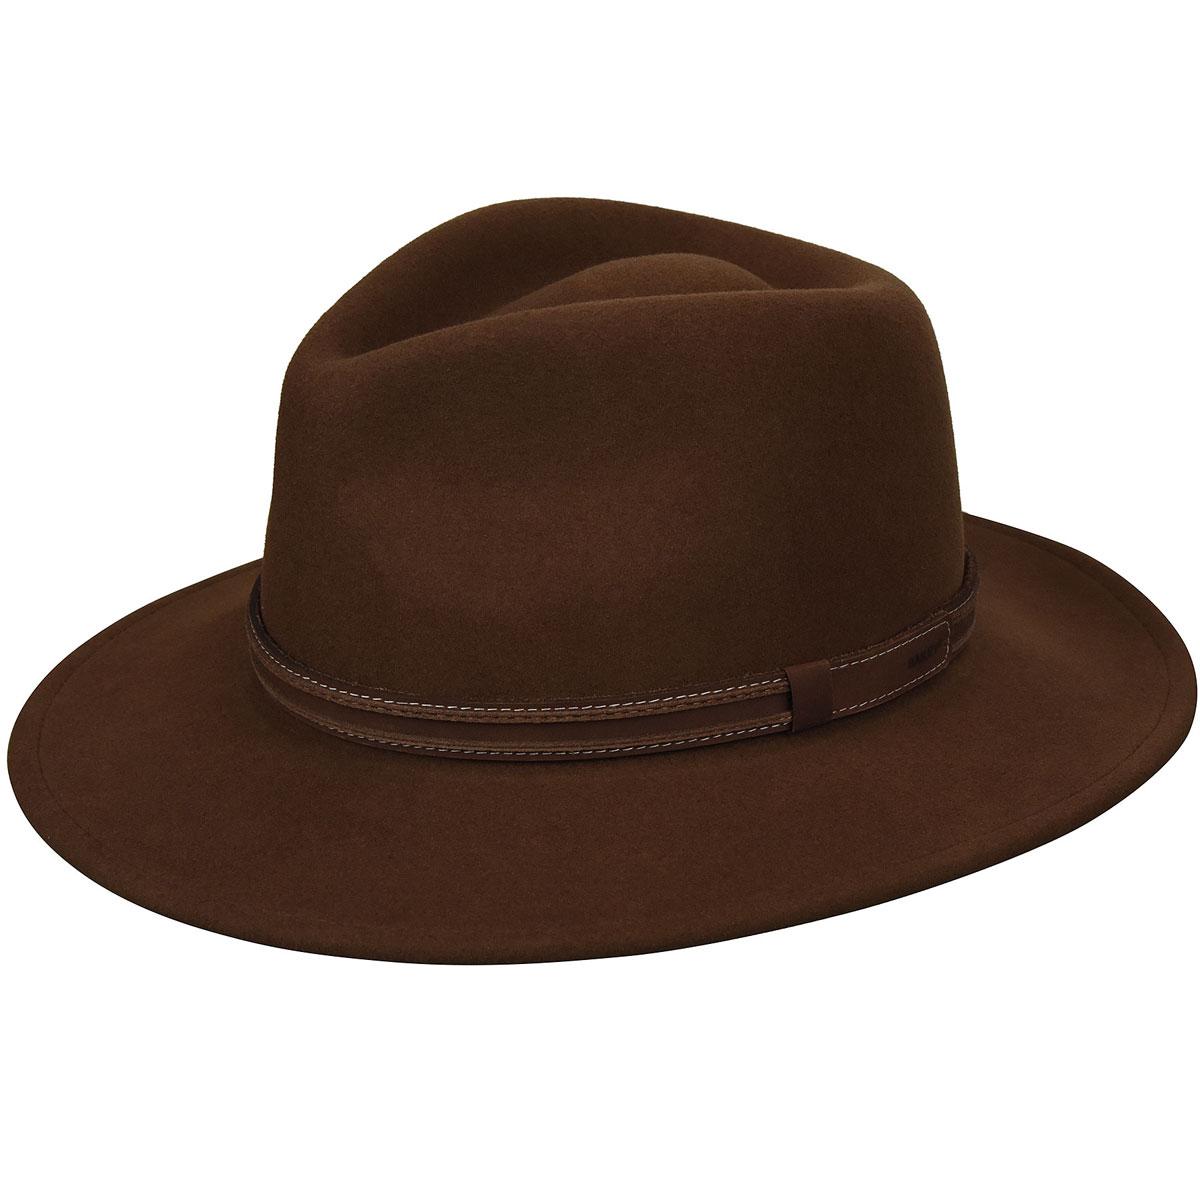 1950s Mens Hats | 50s Vintage Men's Hats Camden LiteFeltFedora $86.25 AT vintagedancer.com